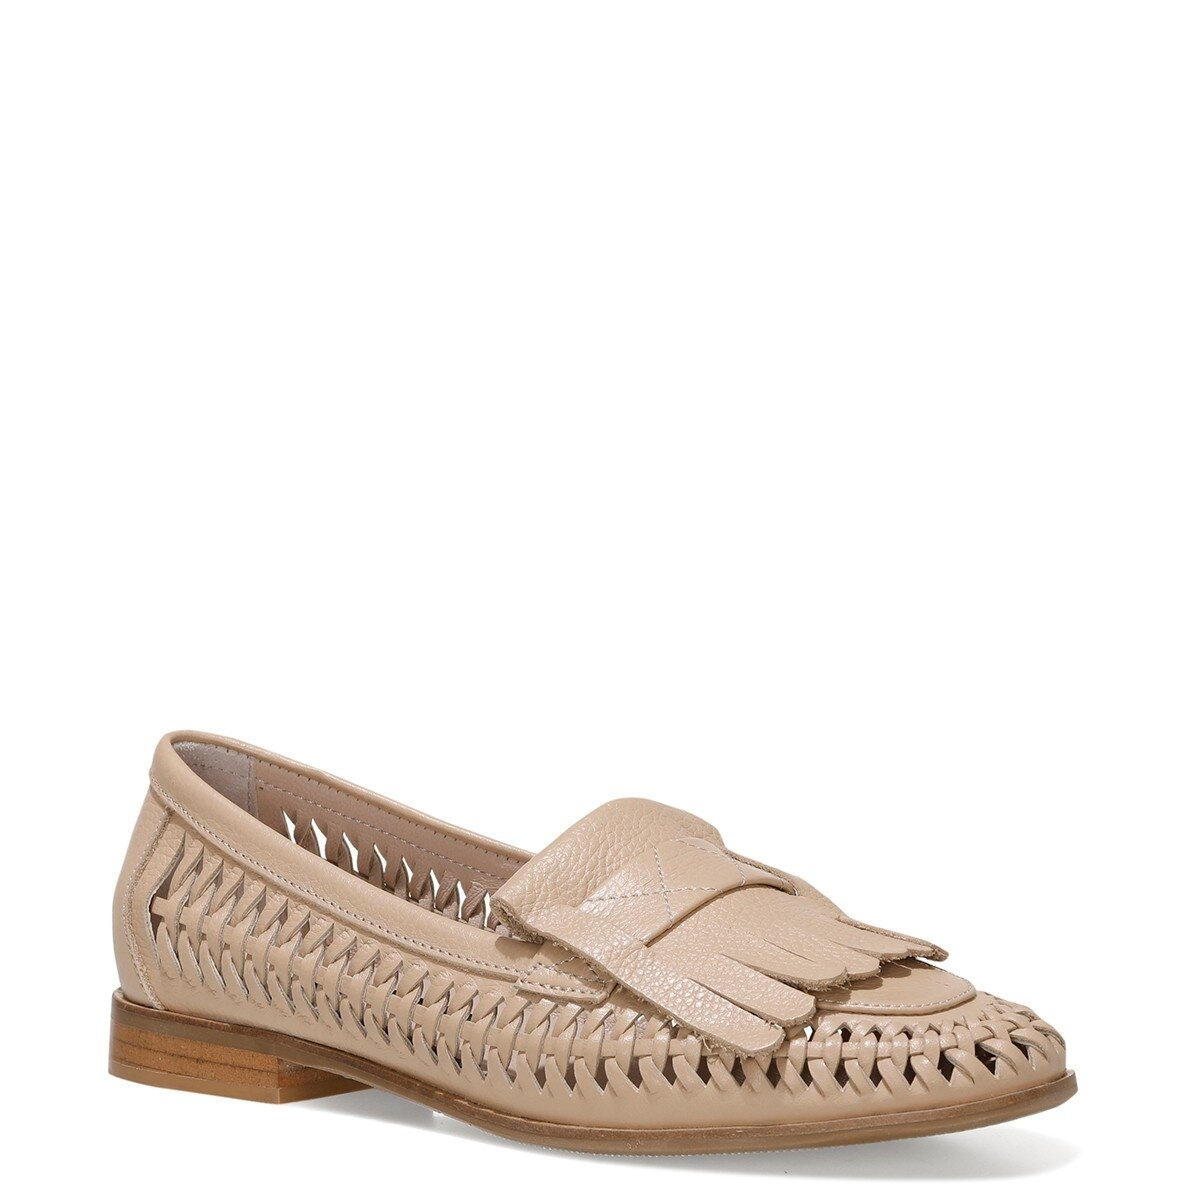 FAINRA 1FX NUDE Kadın Loafer Ayakkabı